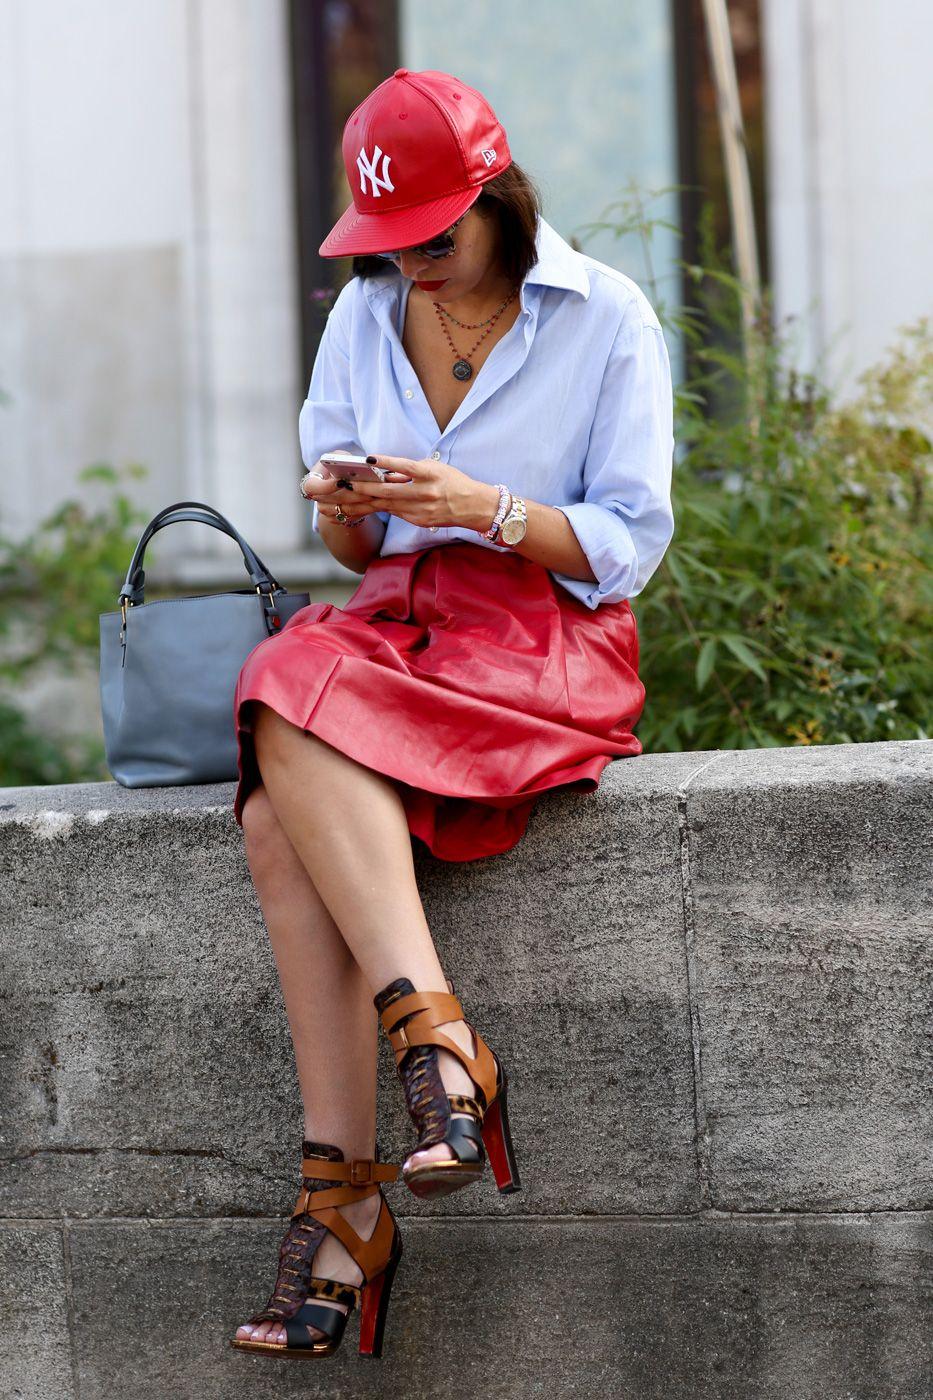 Acessórios inusitados, estampas divertidas, pitadas de estilo esporte-chic e pontos de cores supervibrantes permearam os looks fora das passarelas durante a semana de moda de Paris Verão 2015, que termina nesta quarta-feira (01.10). + Confira os melhores de street style clicados durante a semana de moda de Milão + Revejaos principais desfiles de Verão 2015 direto de Paris Clique na galeria abaixo para ver as melhores produções dos fashionistas até o momento.